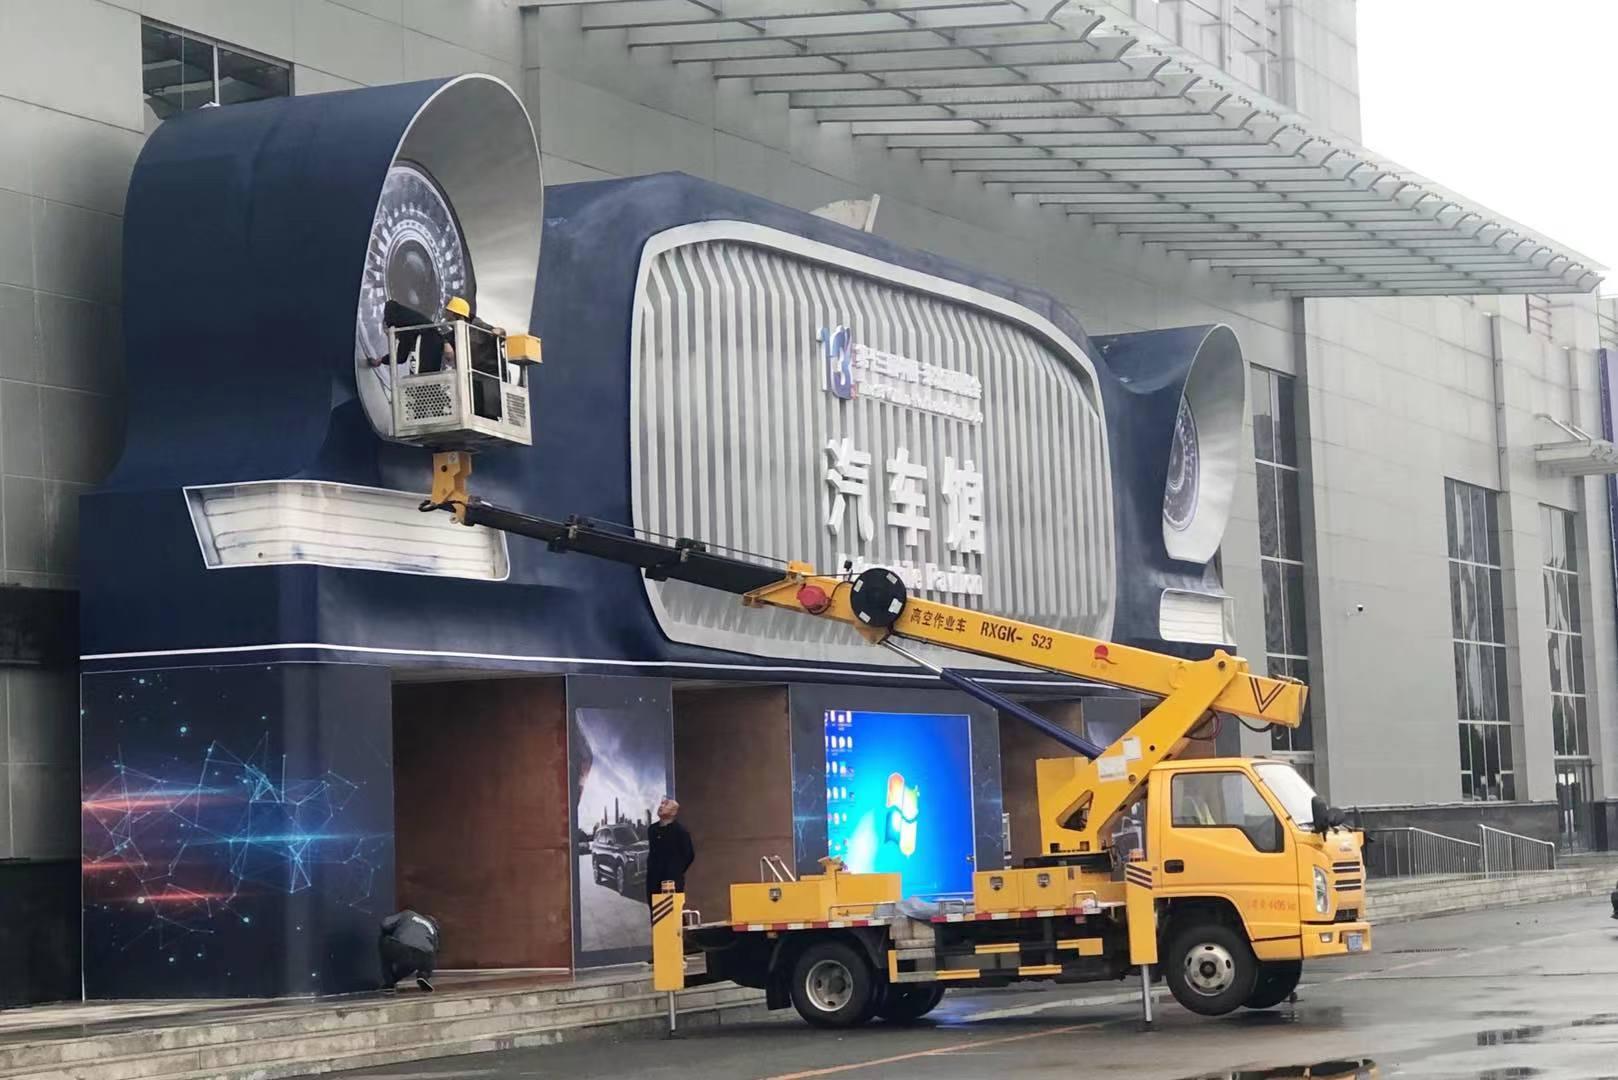 第十三届中国—东北亚博览会筹备工作进入收尾阶段